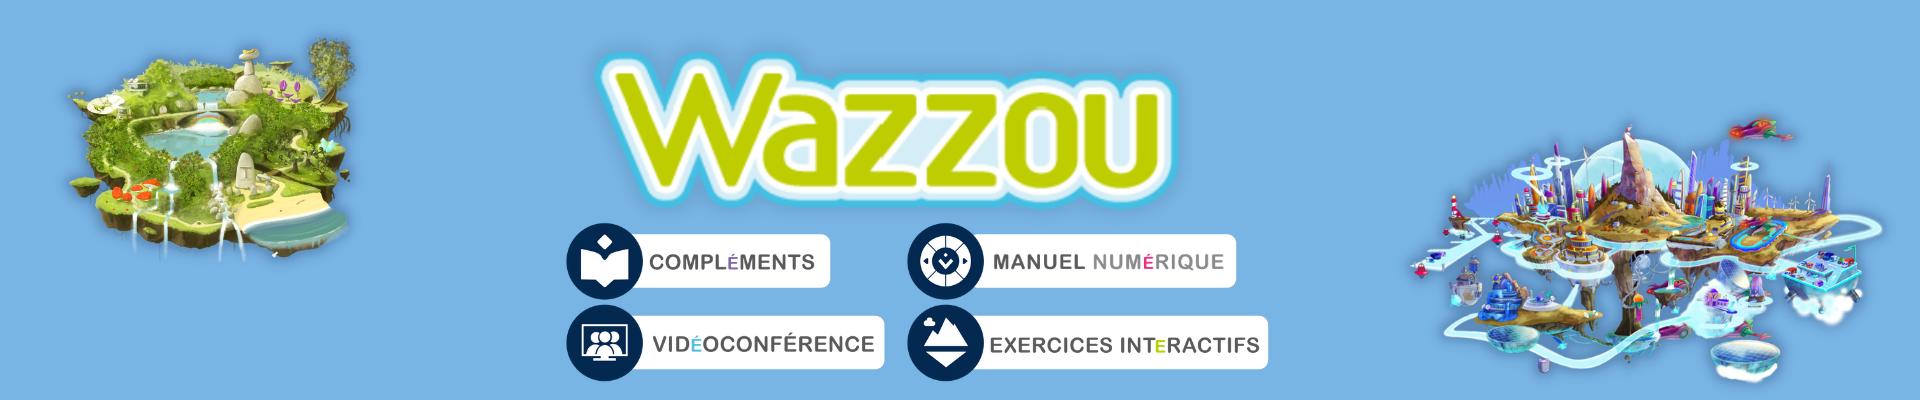 Wazzou, la plateforme d'apprentissage en ligne